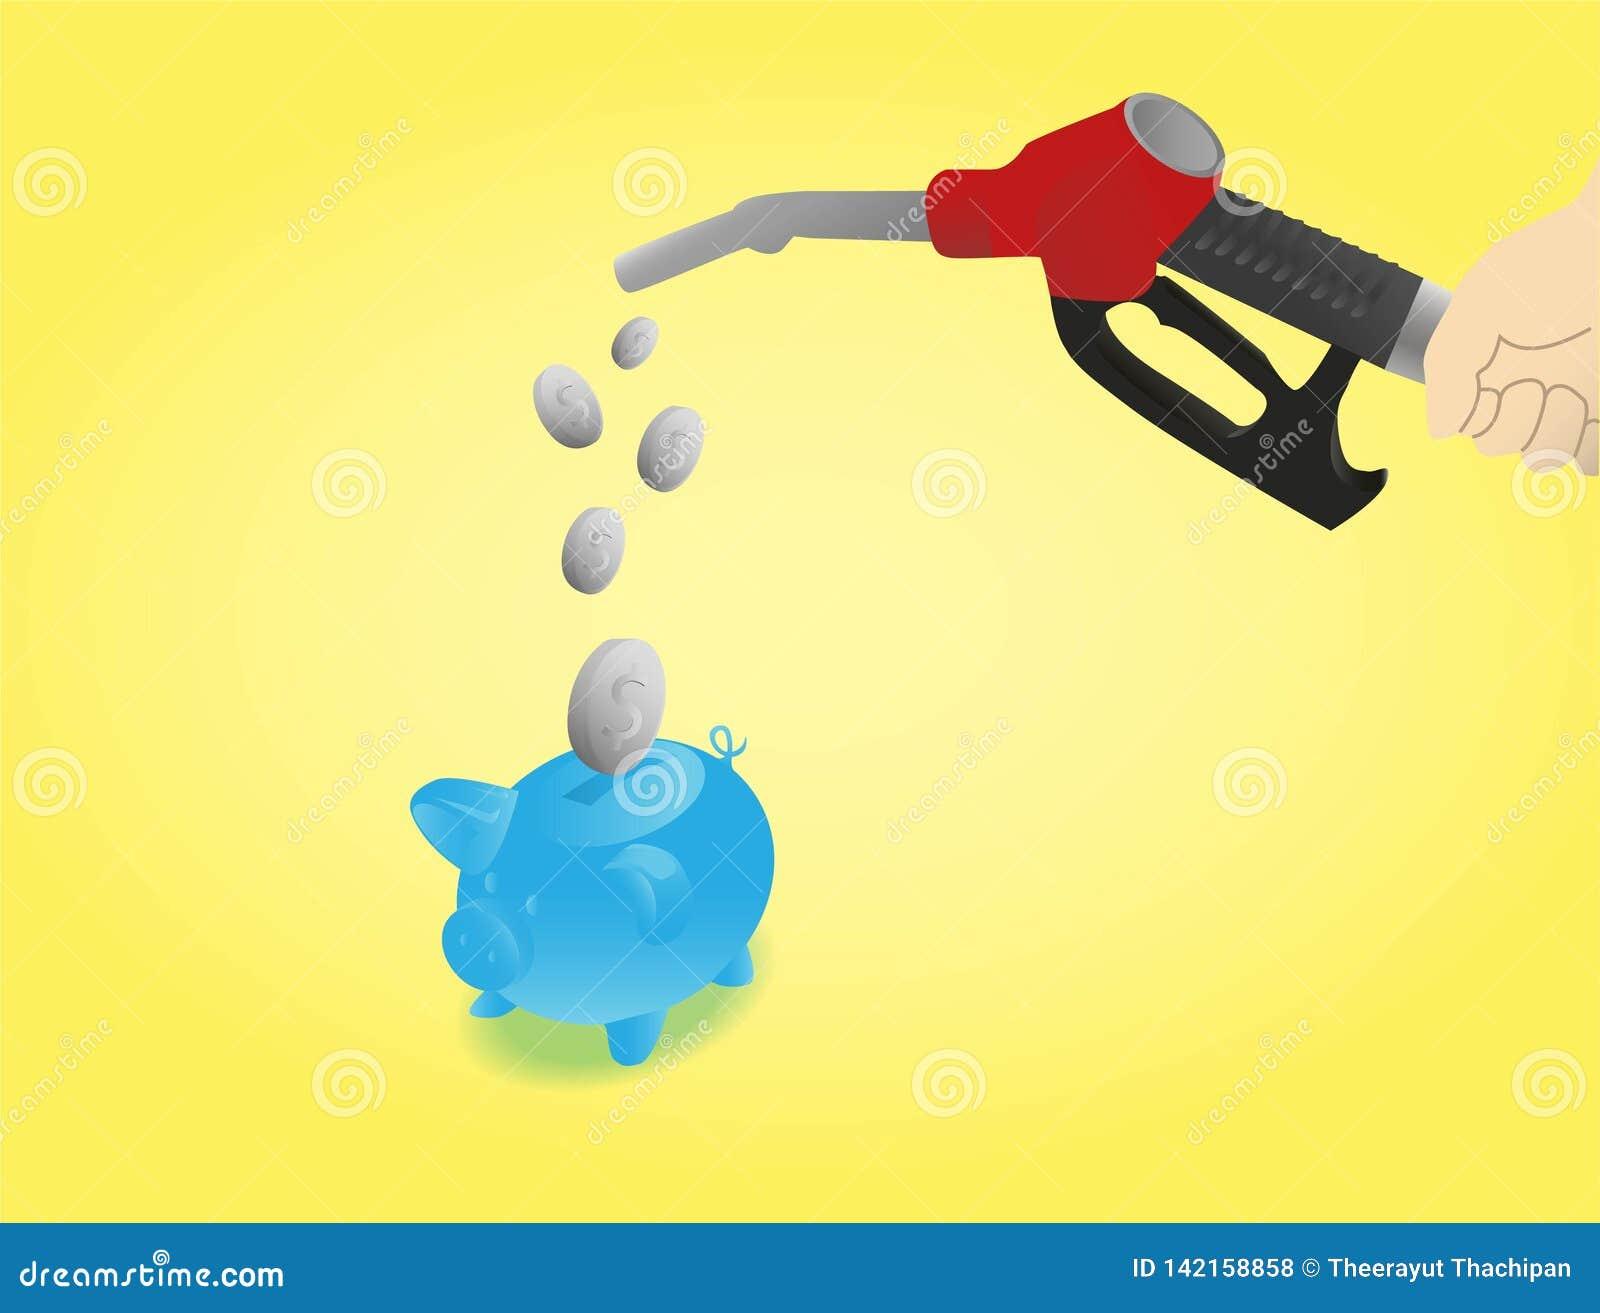 Économisez sur le coût du combustible avec le fond jaune